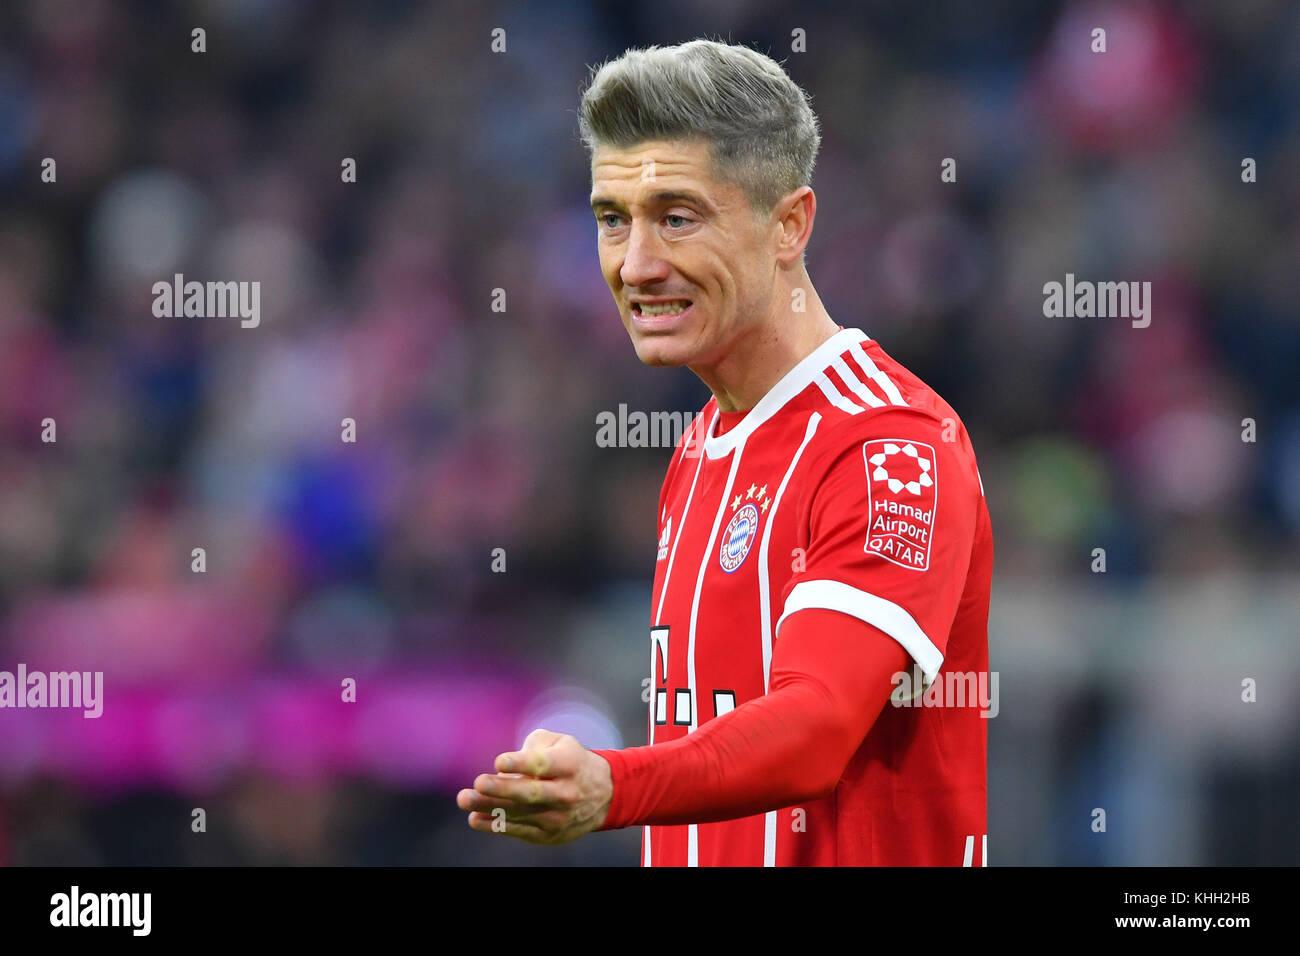 Robert LEWANDOWSKI (FC Bayern Munich), gesture, Aktion, Einzelbild, angeschnittenes Einzelmotiv, Halbfigur, halbe - Stock Image